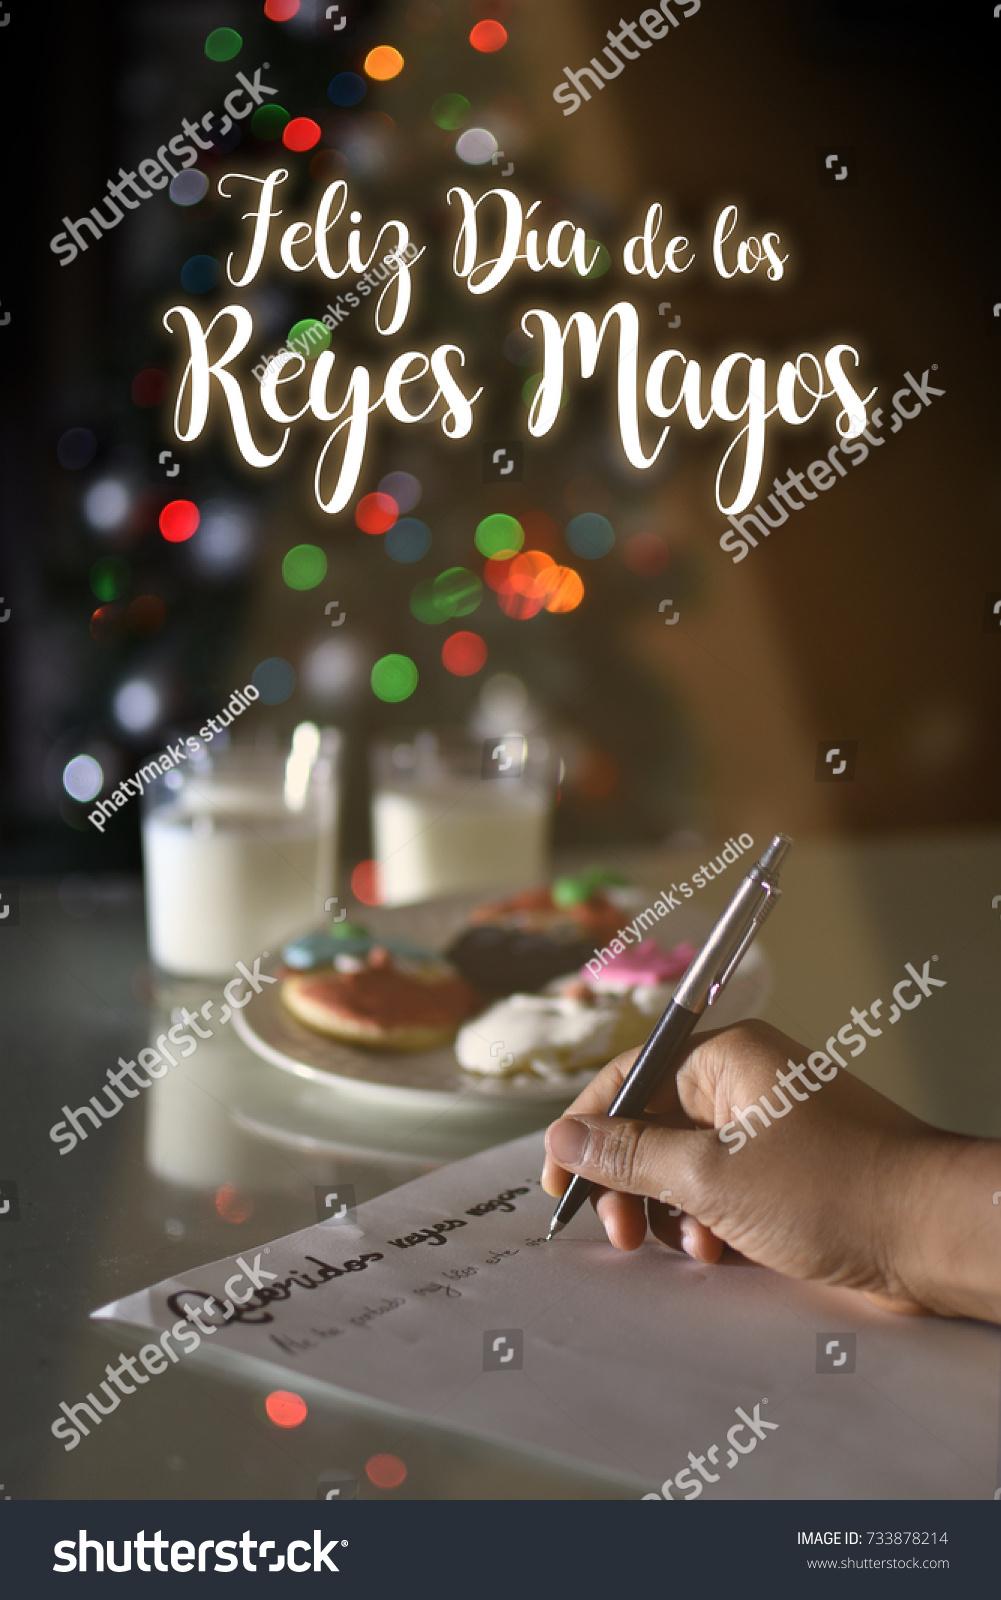 Dias De Reyes Magos Descargar foto de stock sobre feliz dia de los reyes magos (editar